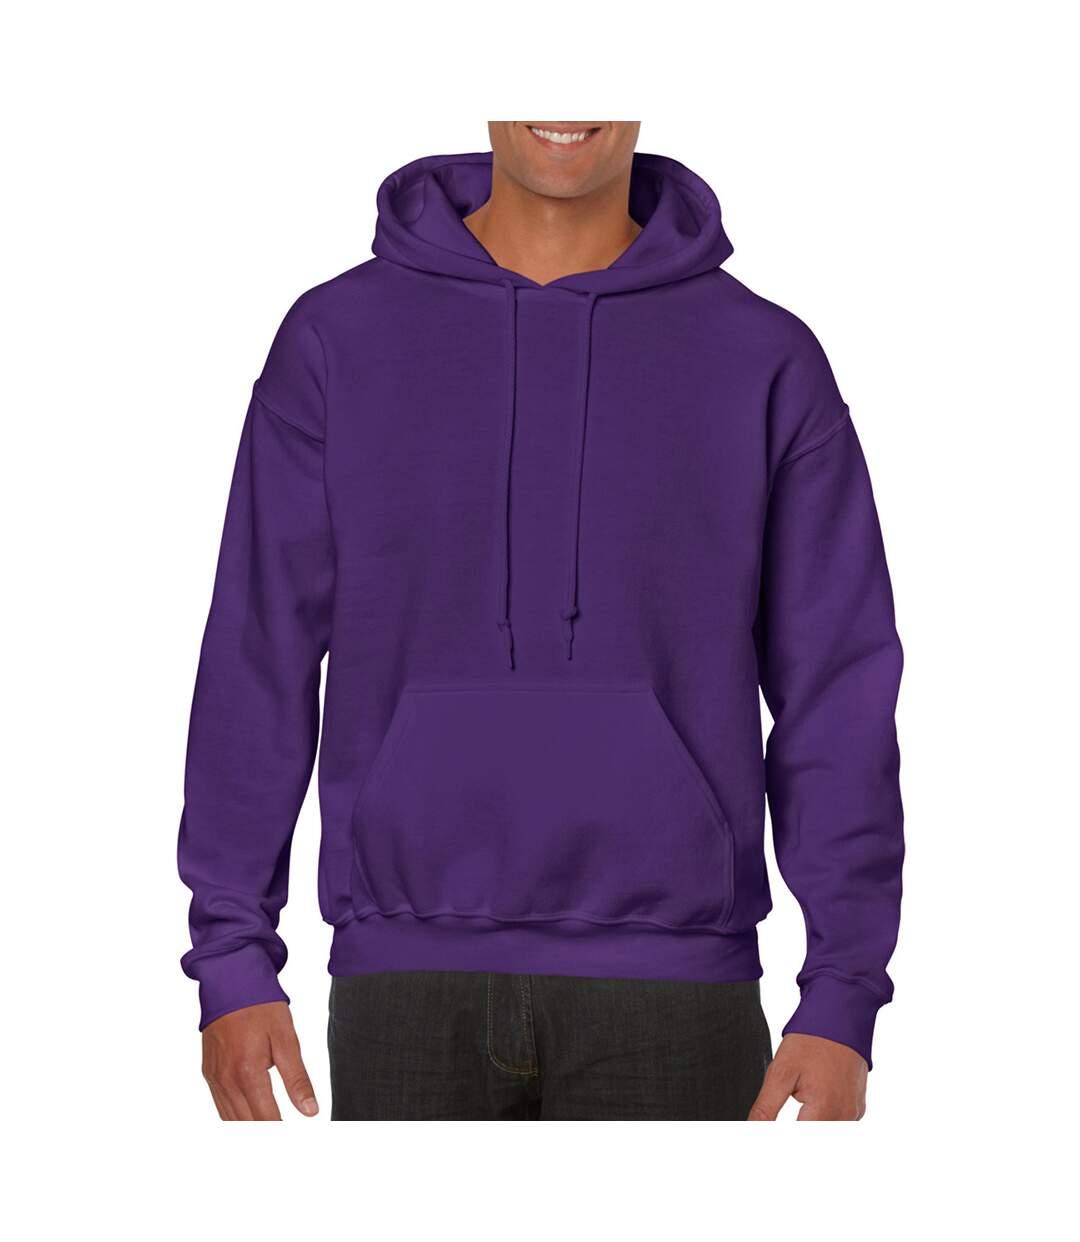 Gildan Heavy Blend Adult Unisex Hooded Sweatshirt / Hoodie (Safety Orange) - UTBC468